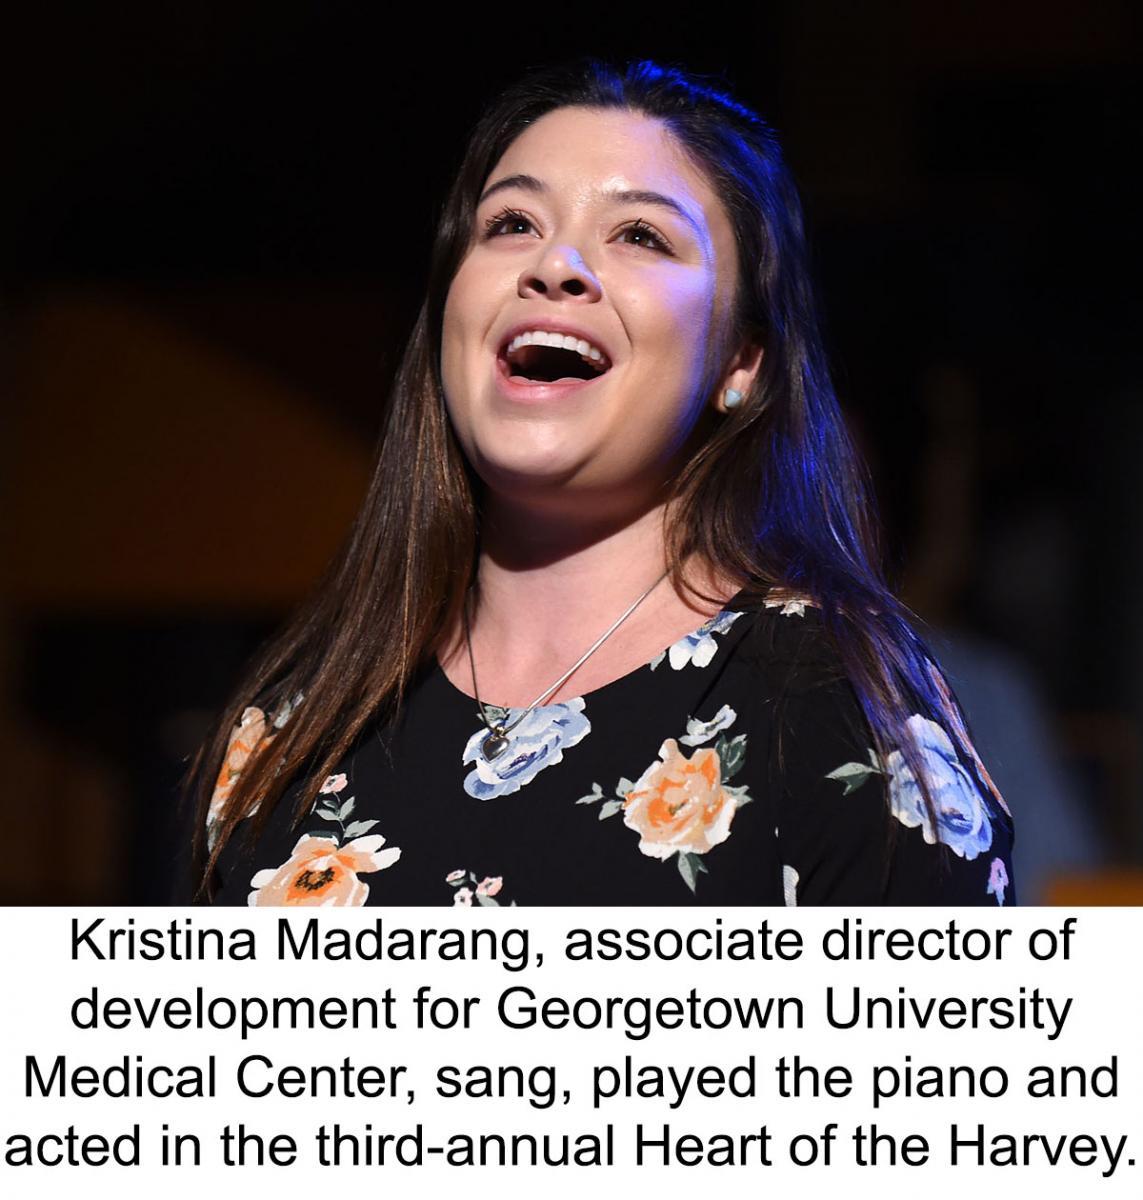 Kristina Madarang sings at the Heart of the Harvey